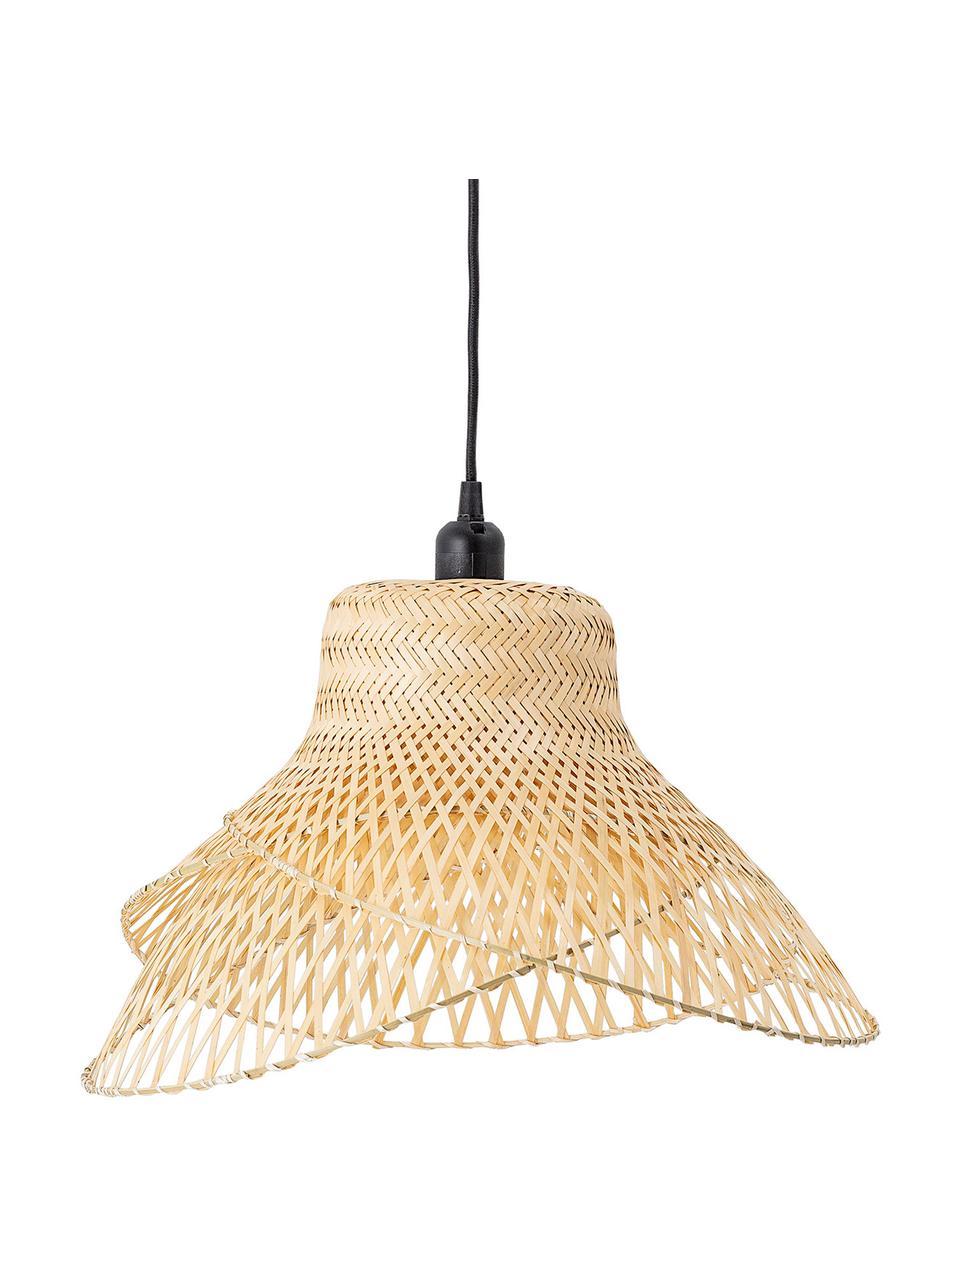 Design Pendelleuchte Mamus aus Bambus, Lampenschirm: Bambus, Baldachin: Metall, beschichtet, Bambus, Ø 48 x H 27 cm